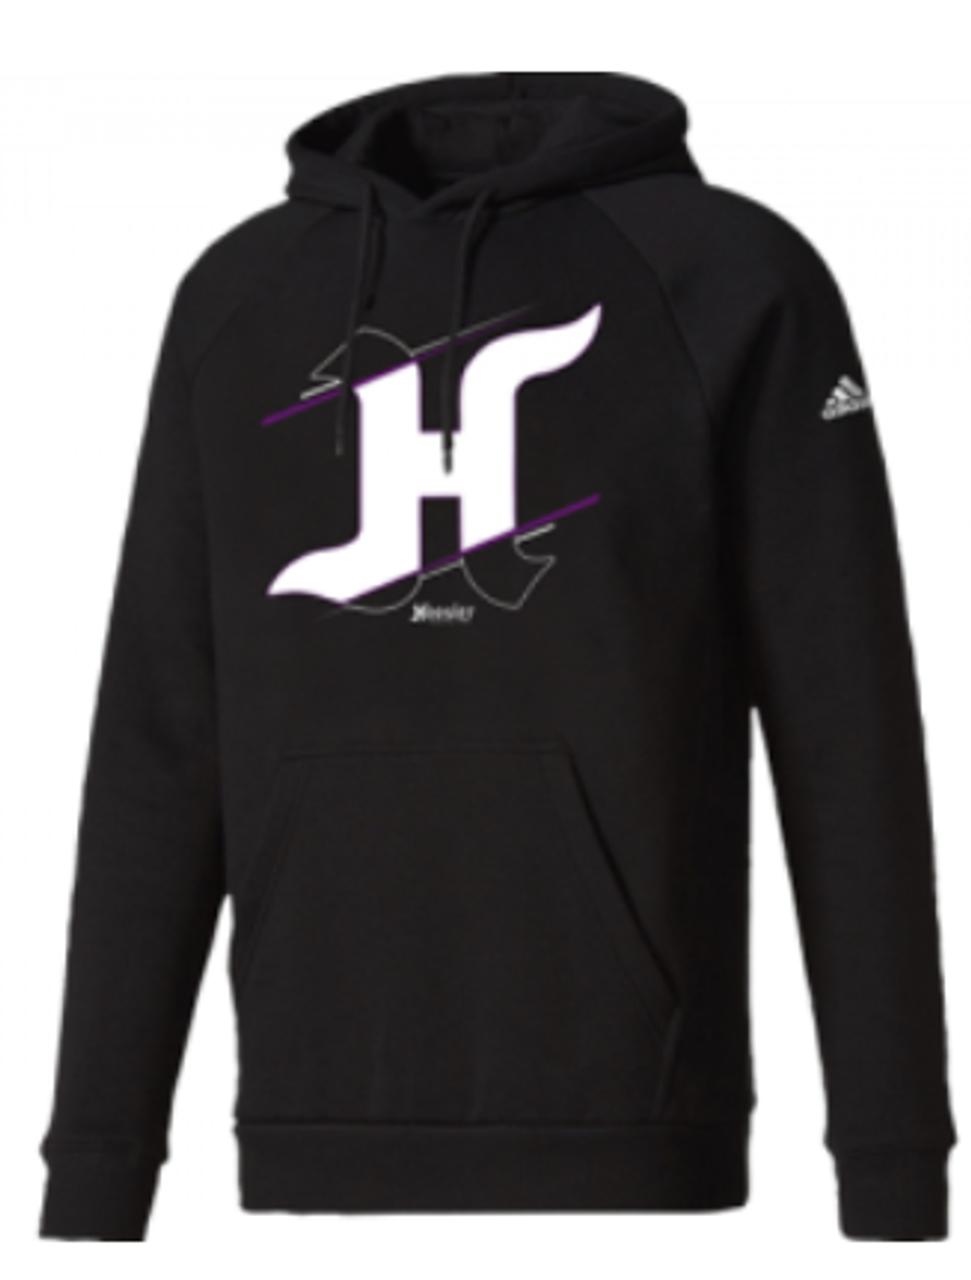 Hoosier Adidas Hoodie